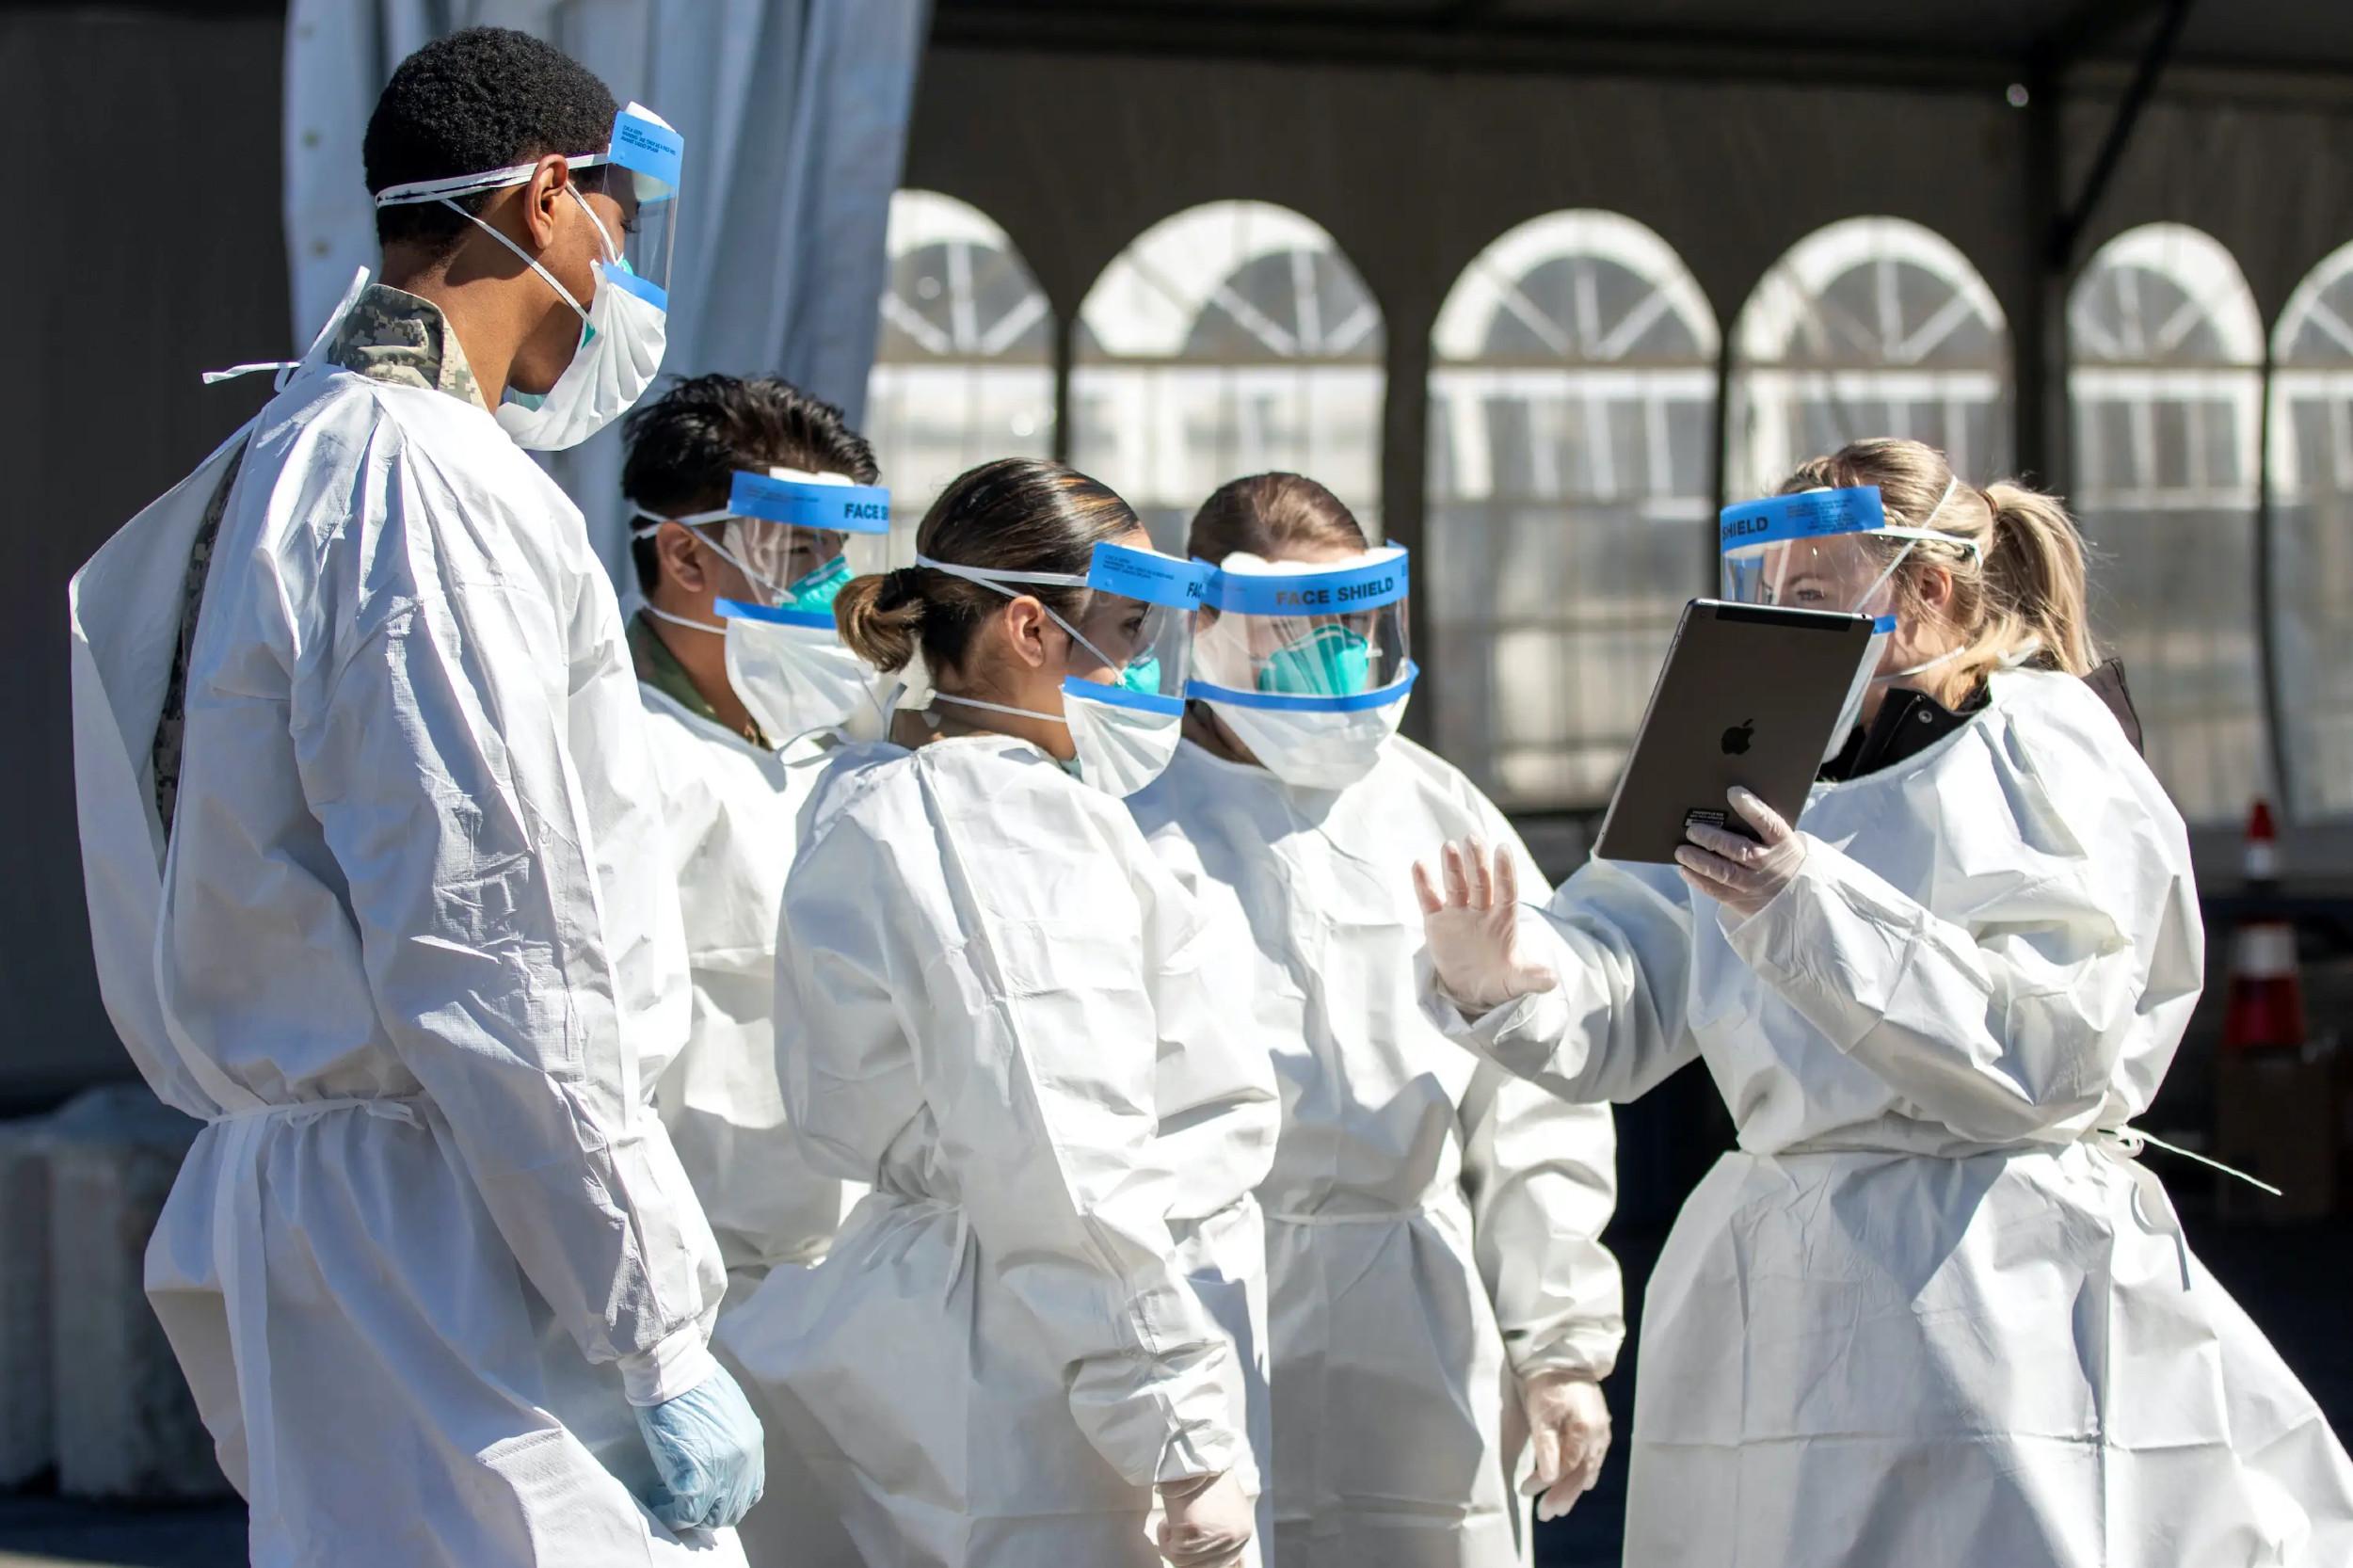 Predstavnica američkog ministarstva zdravlja drži obuku pripadnicima Nacionalne garde u Njujorku za testiranje na koronavirus, 14. mart 2020. (Foto: Sgt. Amouris Coss/U.S. Army National Guard/Handout/Reuters)